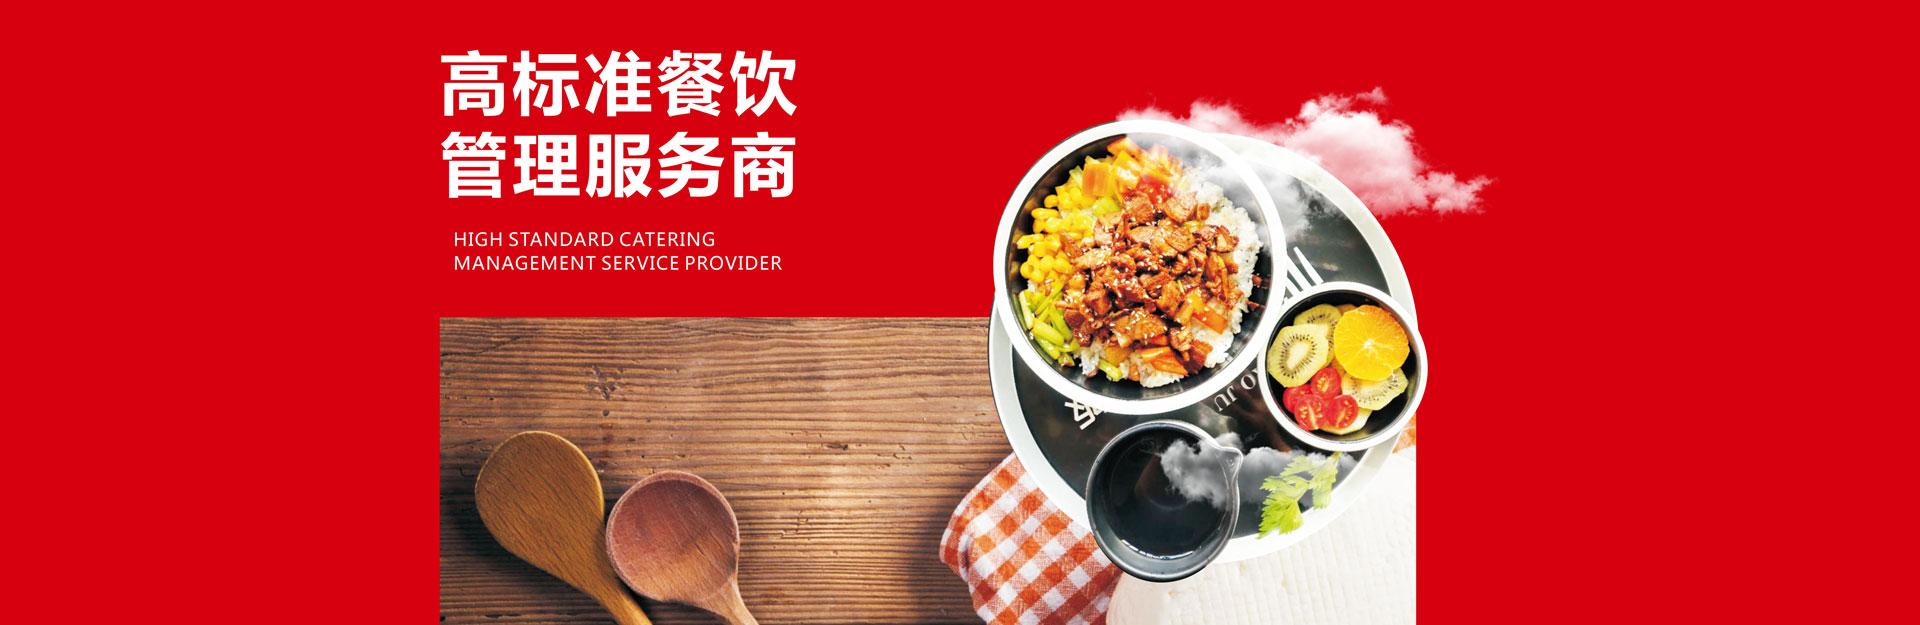 稻粔茶泡饭招商